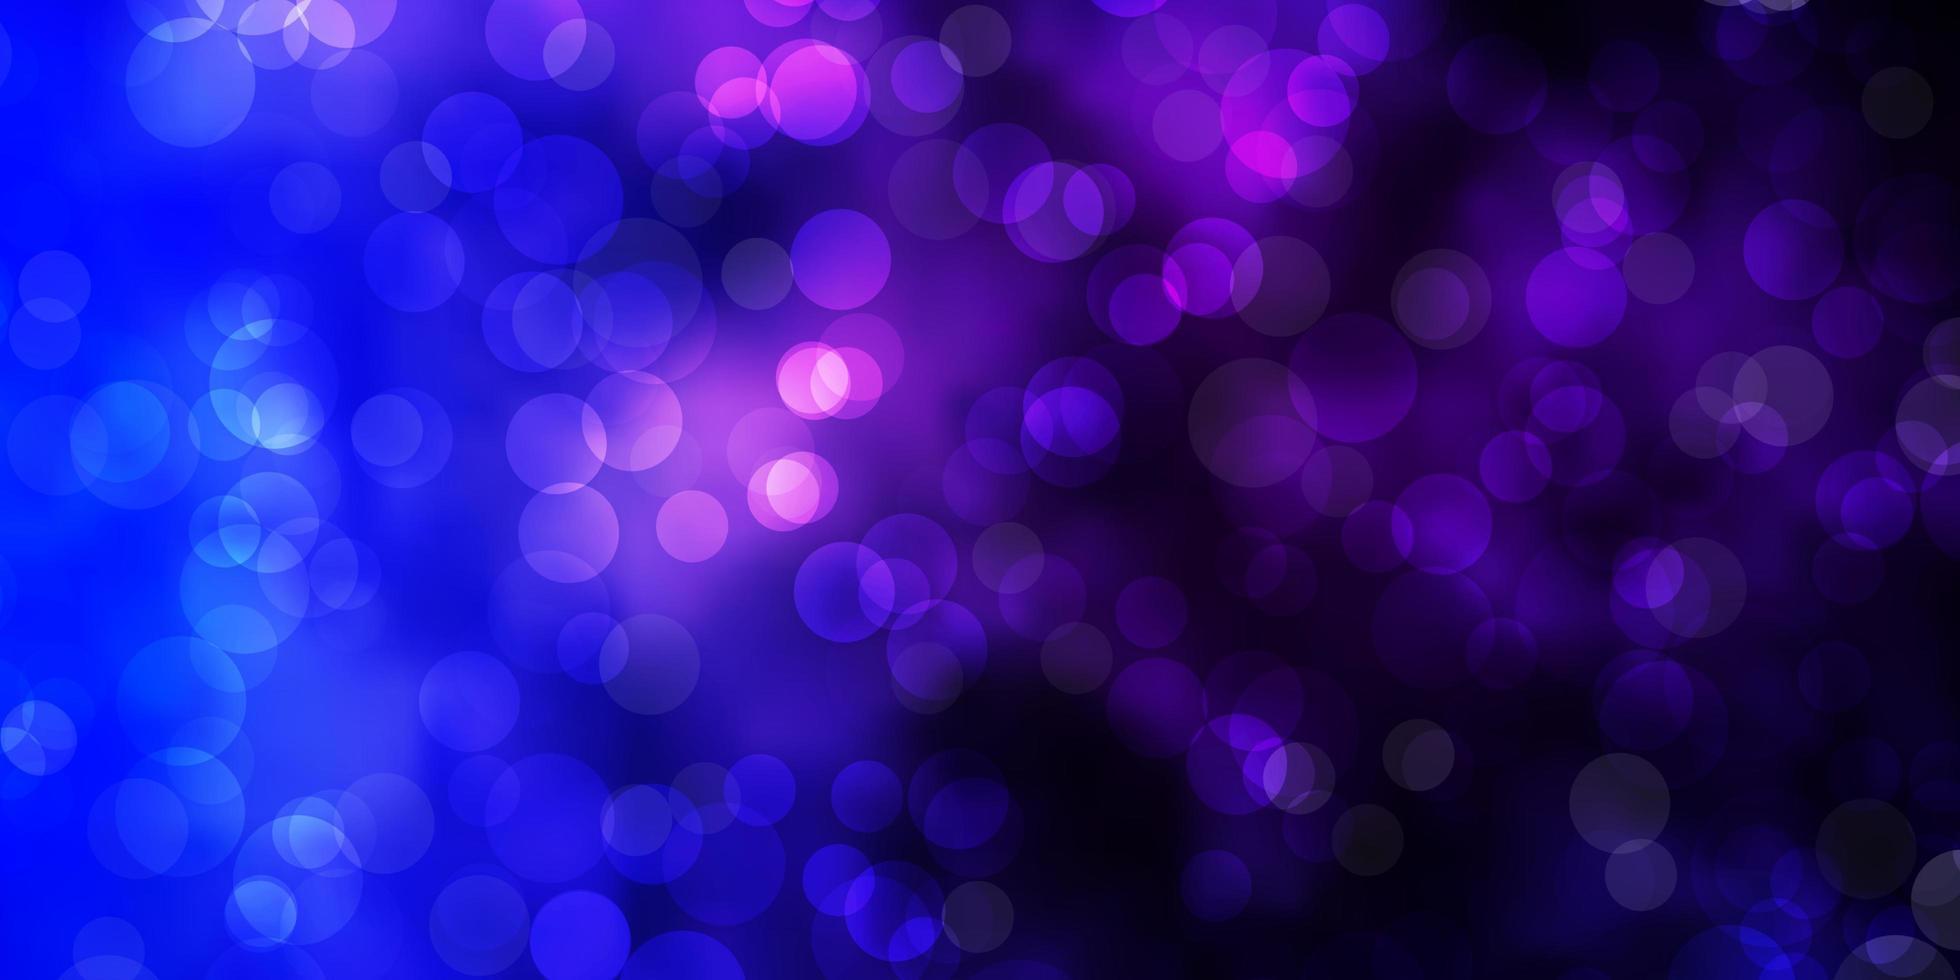 patrón de vector de color rosa oscuro, azul con esferas.